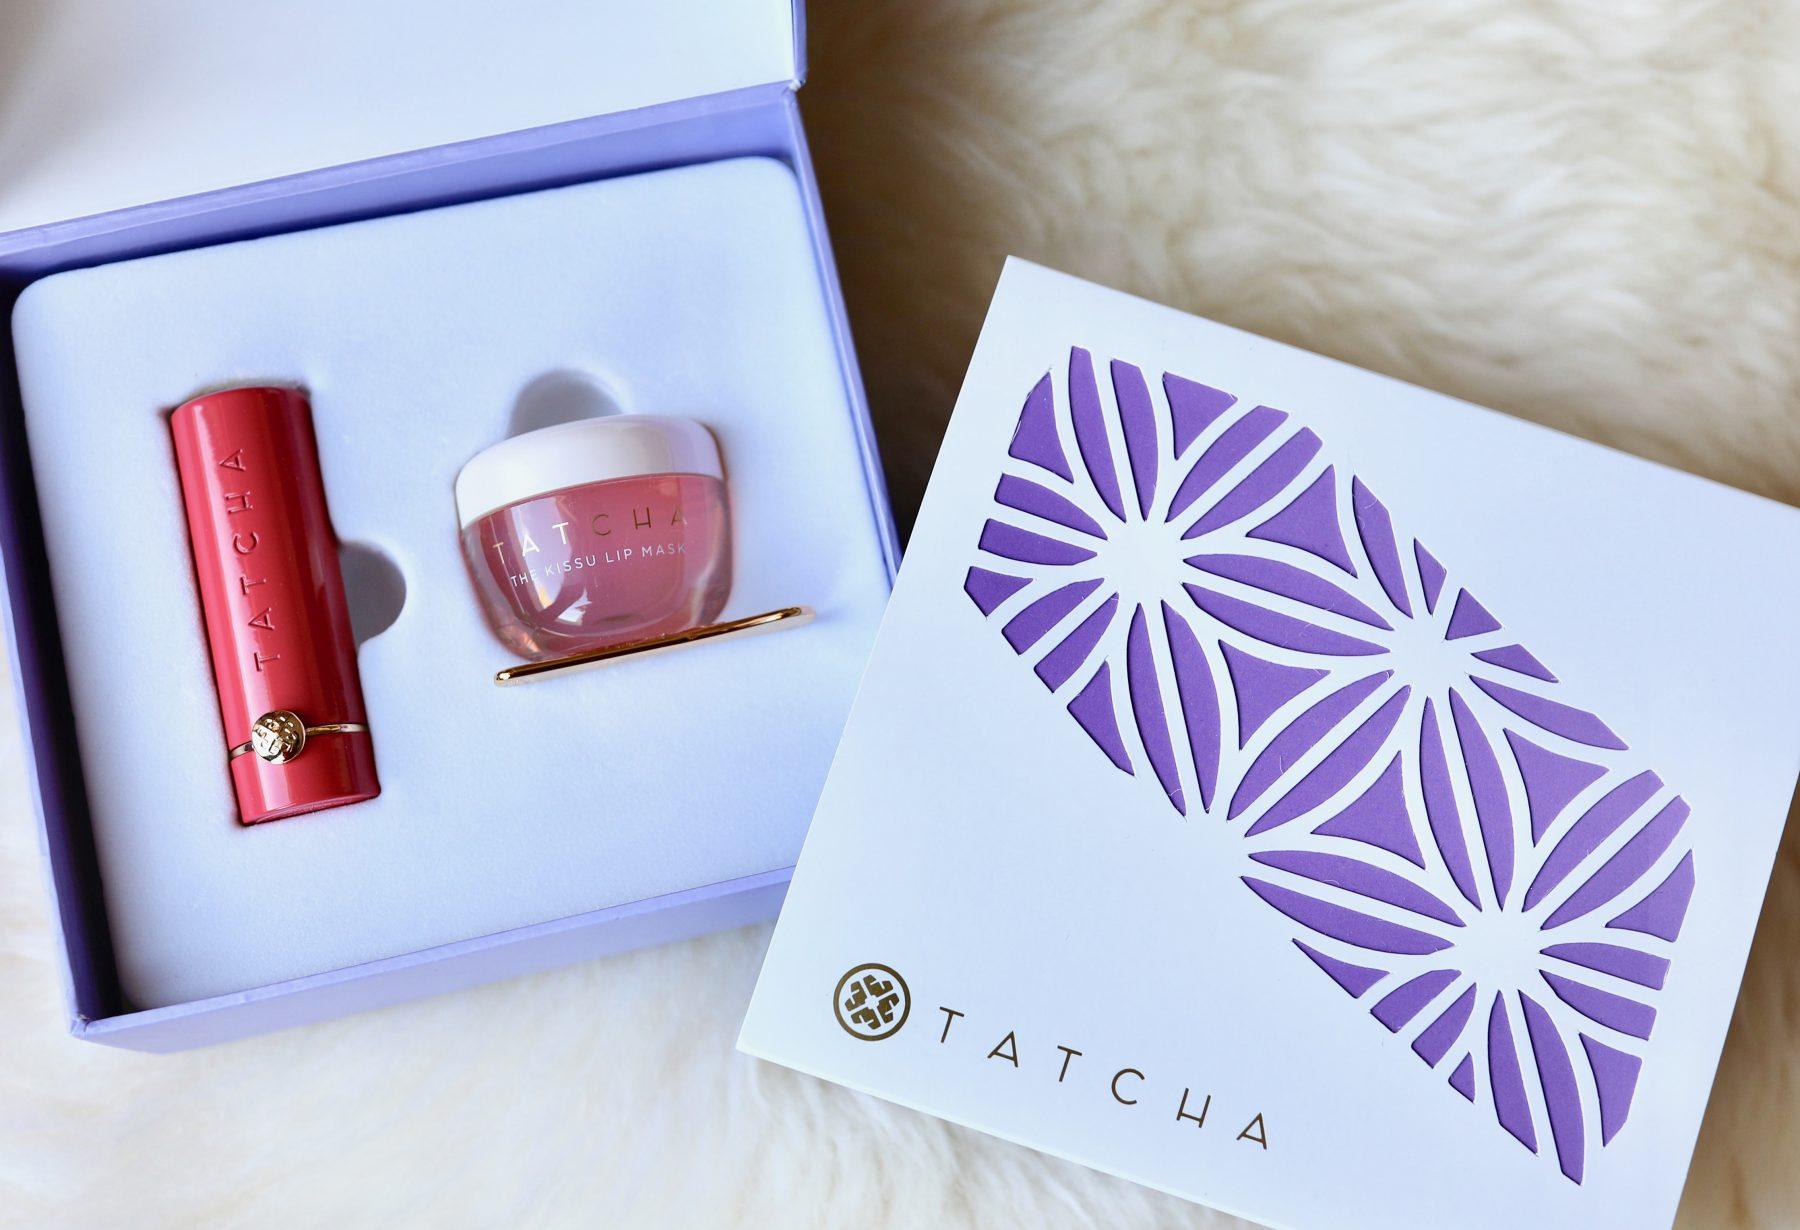 Tatcha Holiday Gift Sets The Wardrobes